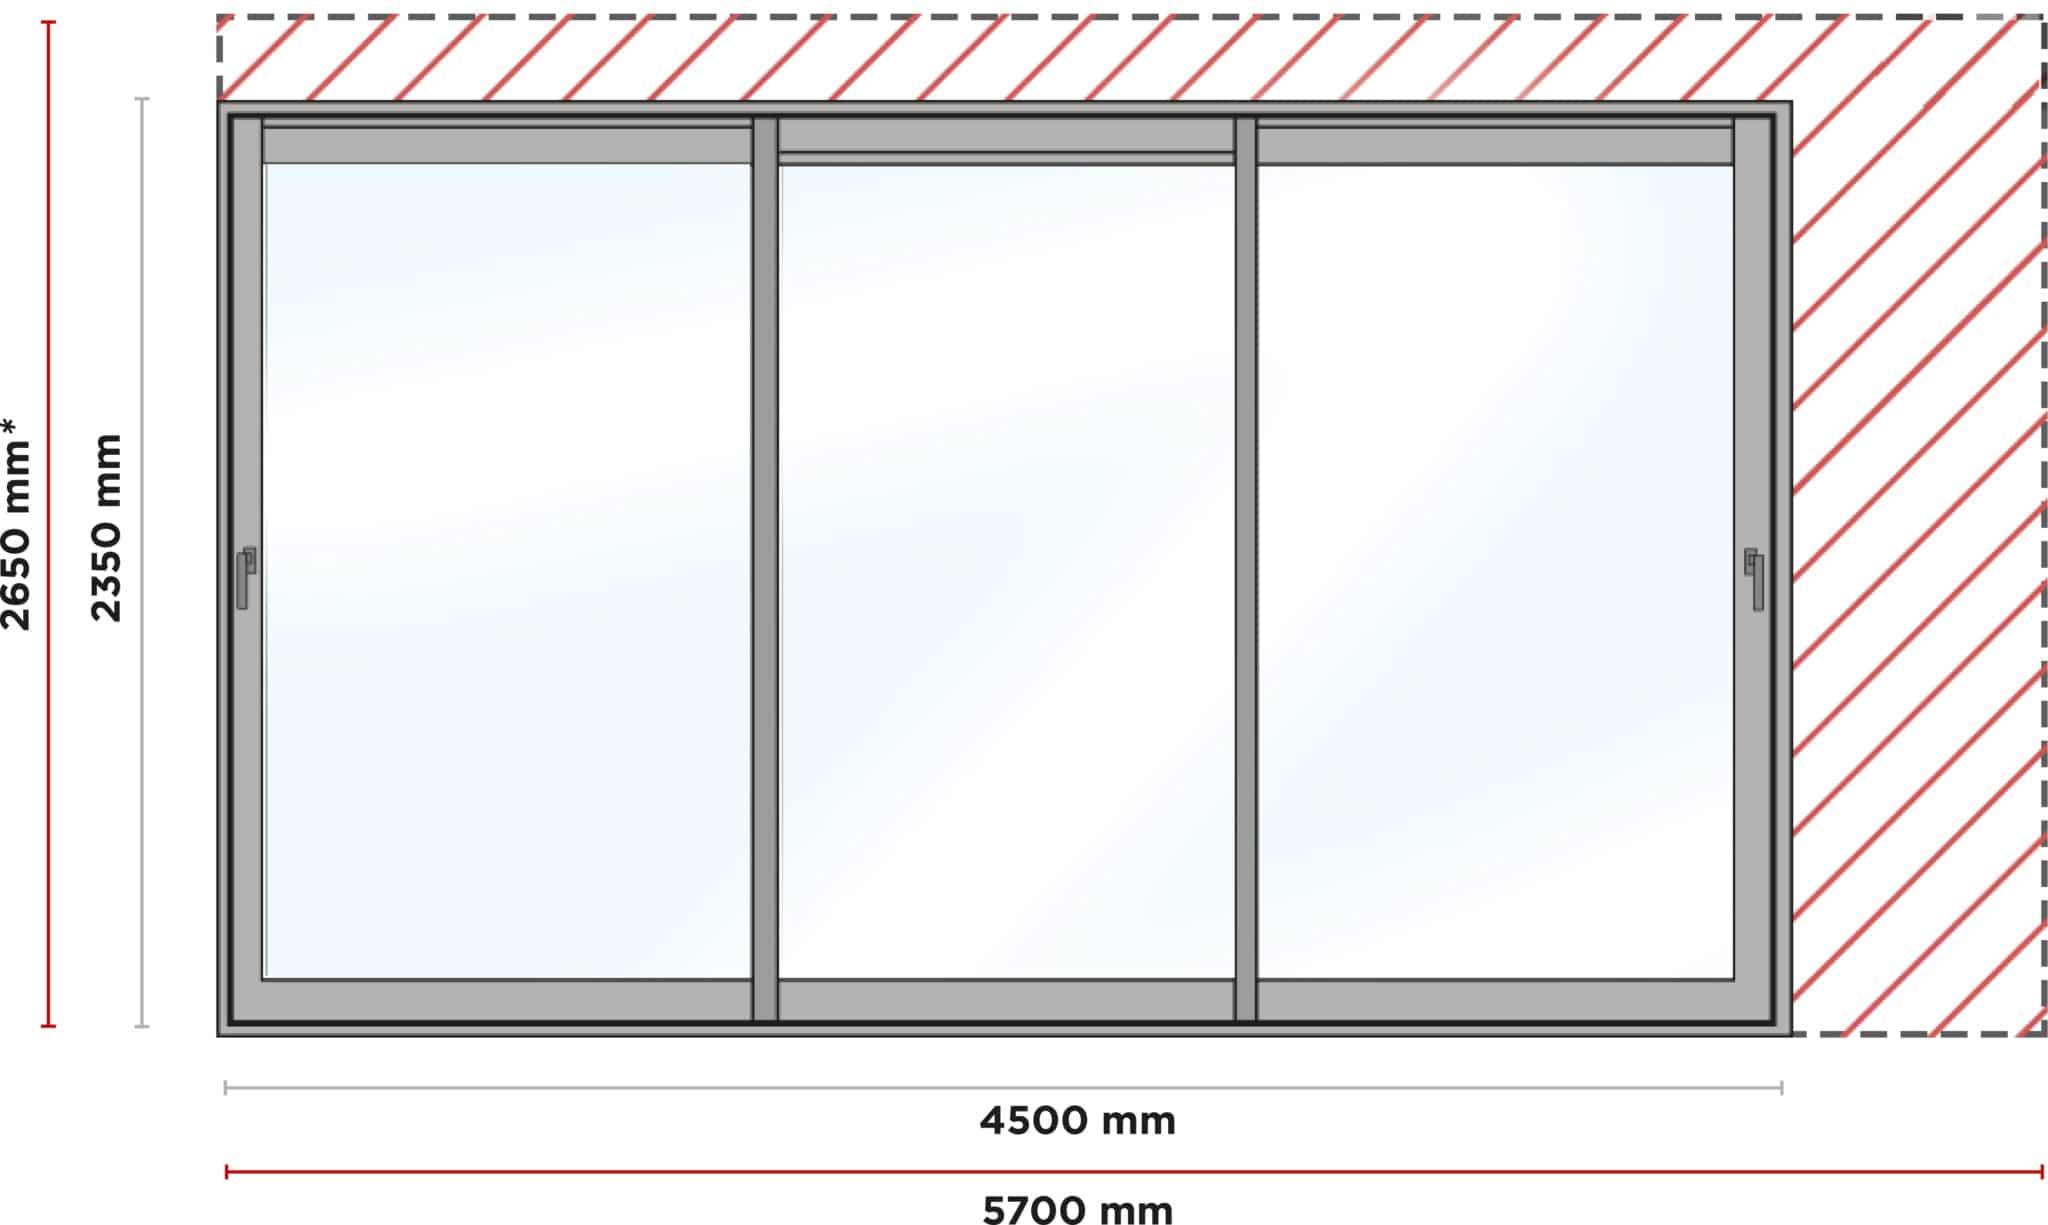 schéma-grandes-dimensions-3-rails-MILLET